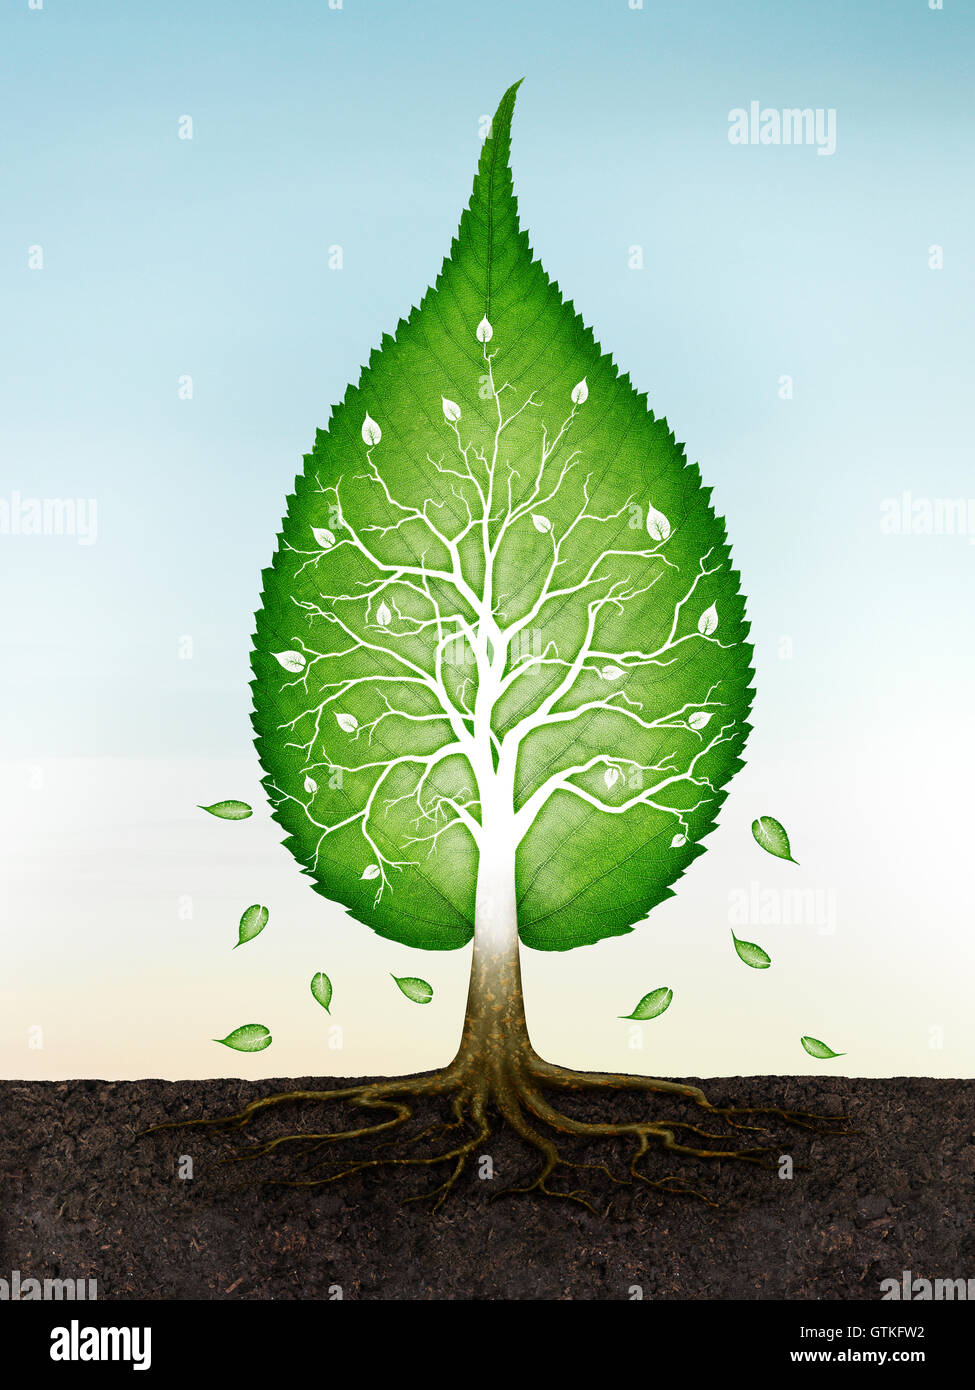 Verde a forma di foglie di albero con radici nella terra spirituale concetto zen sul cielo blu sullo sfondo. Foto Immagini Stock